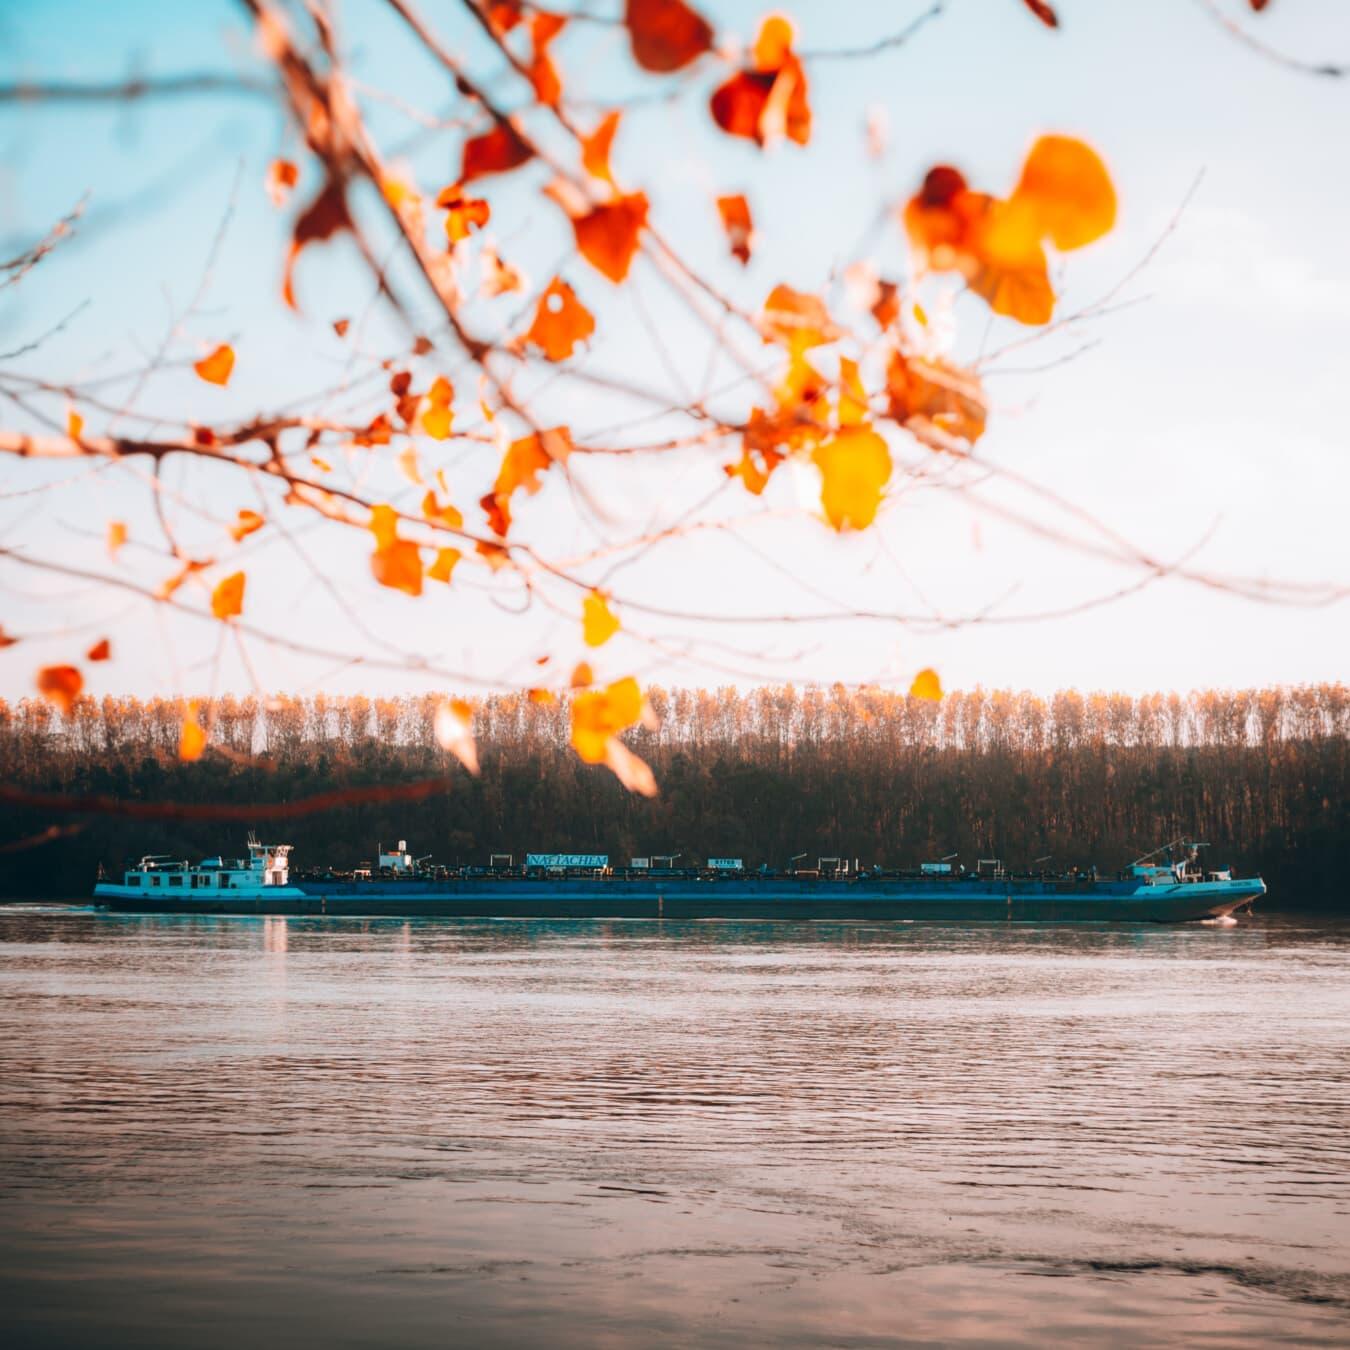 transport, rivière, voyage, Cargo, secteur d'activité, barge, eau, lumière, paysage, coucher de soleil